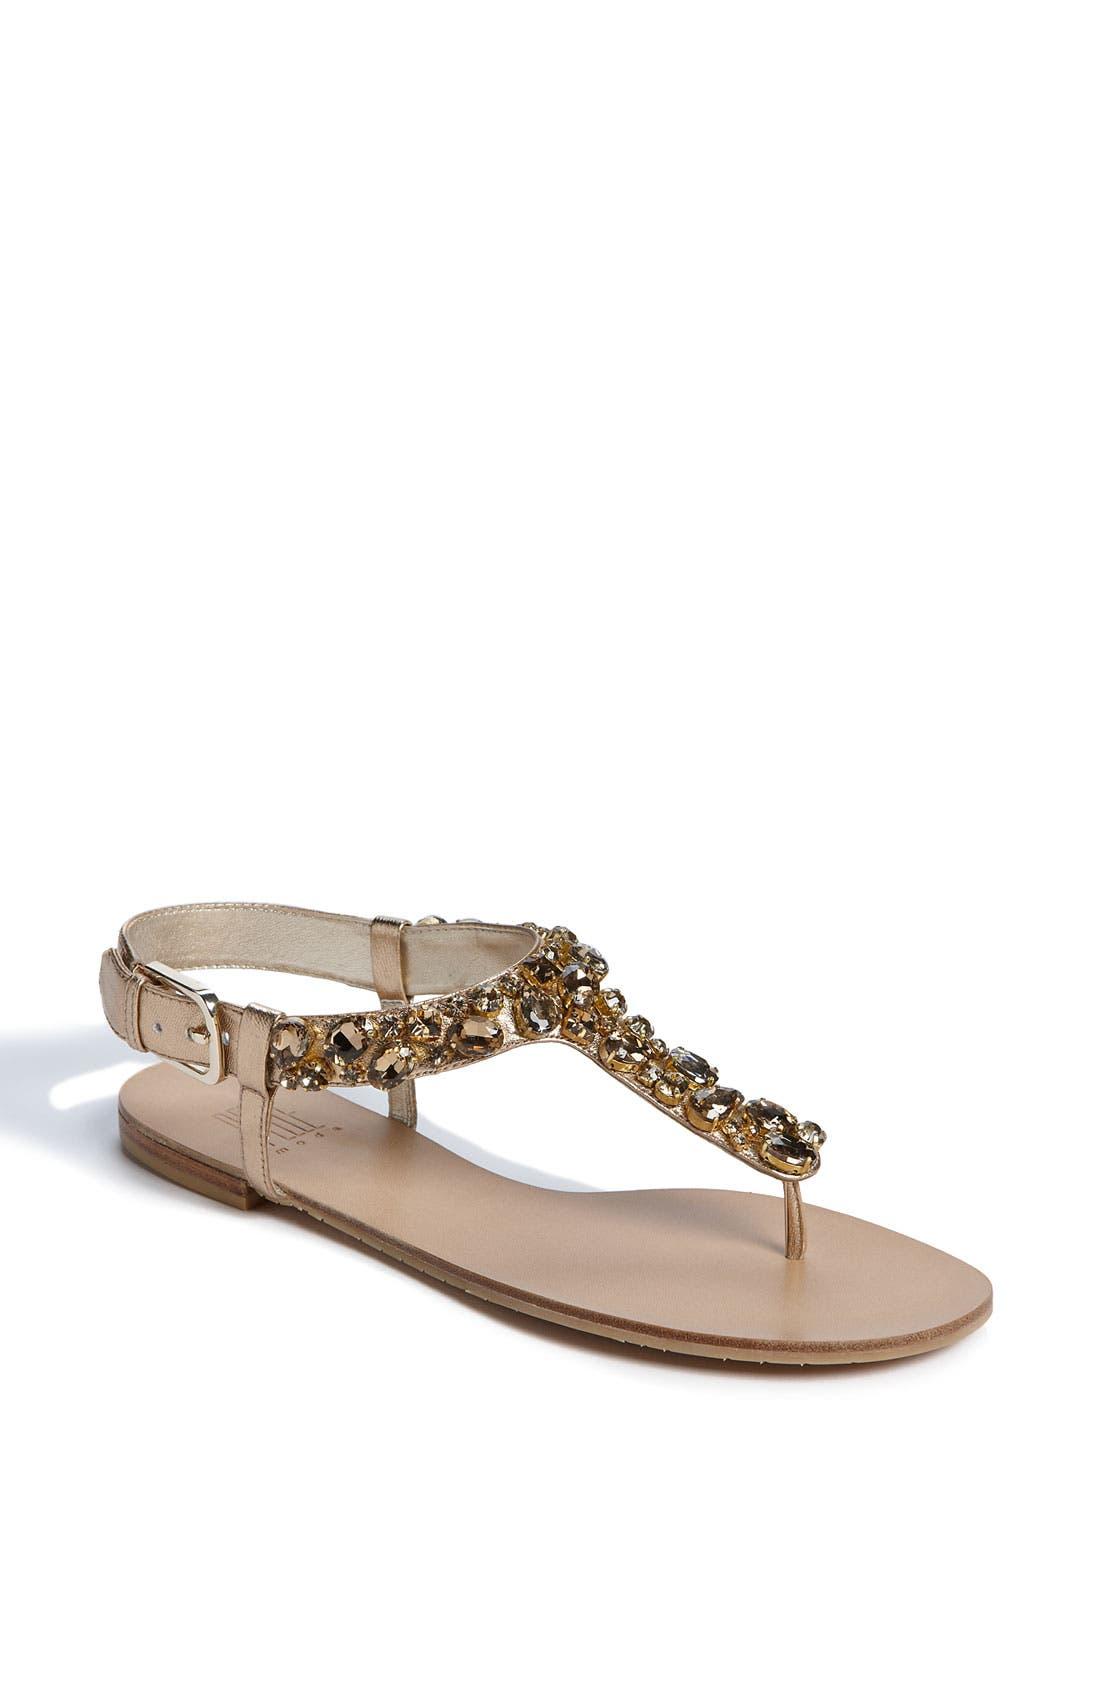 Main Image - Pelle Moda 'Hanalee' Sandal